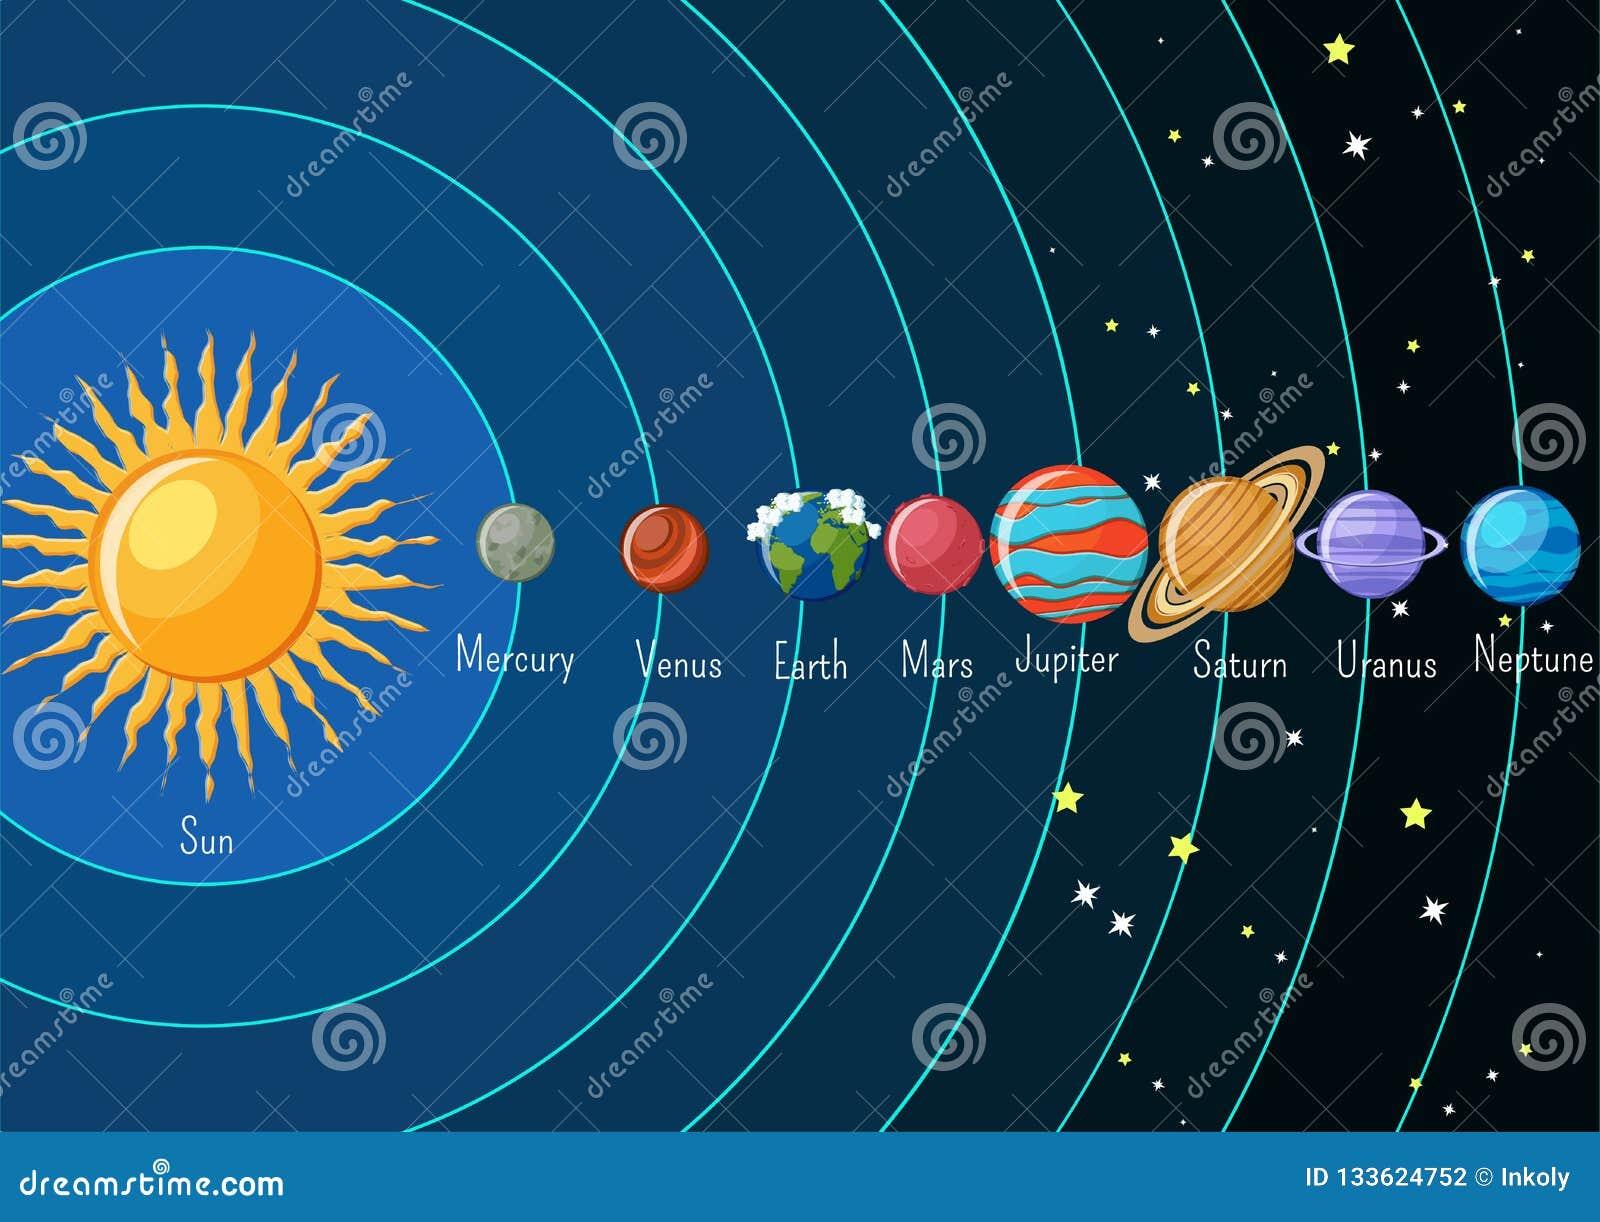 Infographics De La Sistema Solar Con El Sol Y Planetas Que Están En órbita Alrededor Y Sus Nombres Ilustración Del Vector Ilustración De Esfera Asoleado 133624752